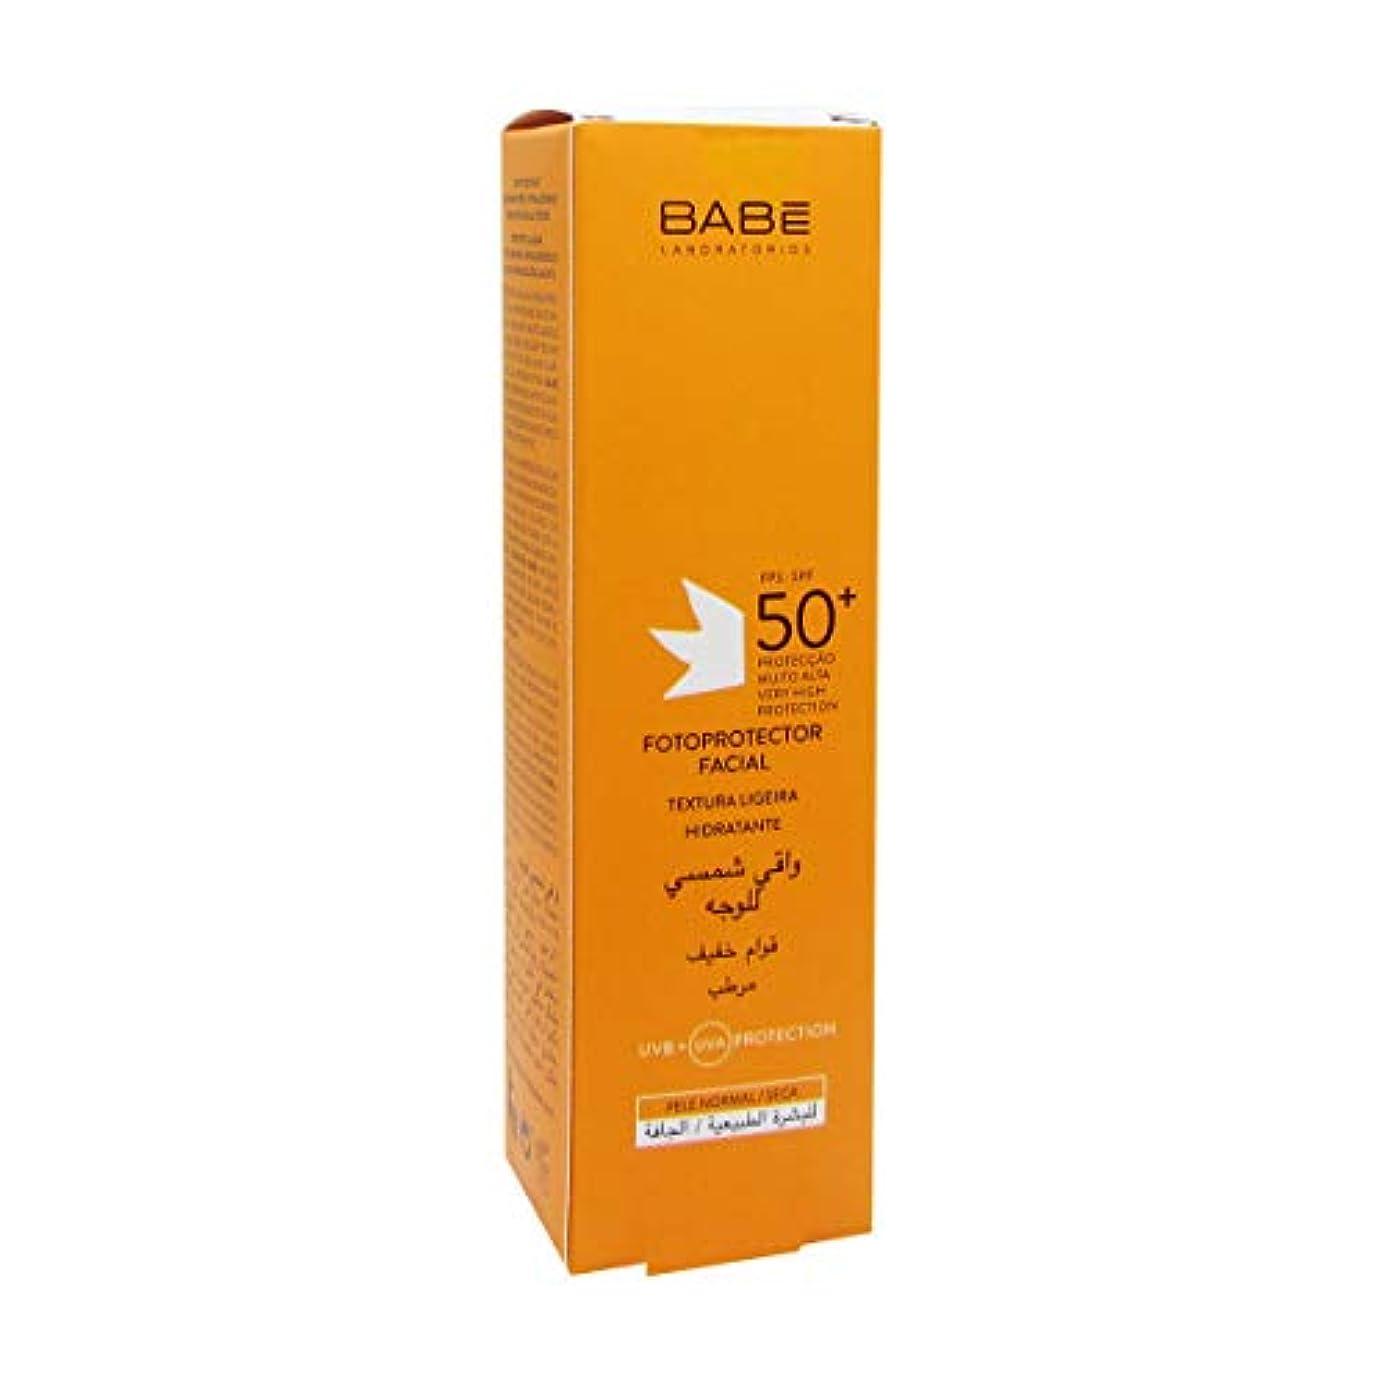 子供時代サスティーン広告主Bab Sun Light Facial Photoprotector Fps50+ 50ml [並行輸入品]